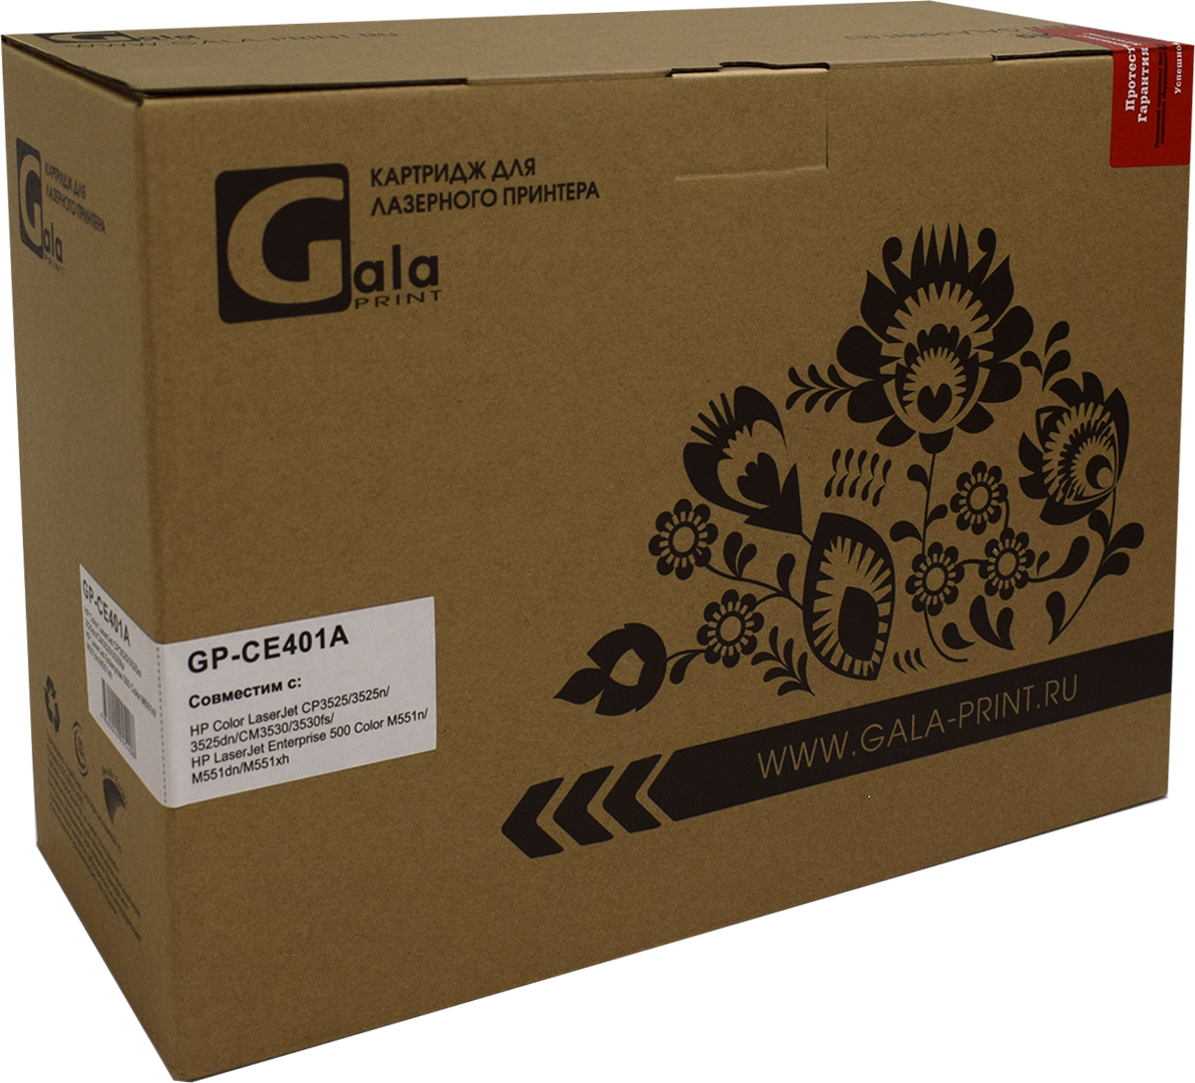 Картридж GalaPrint GP-CE401A